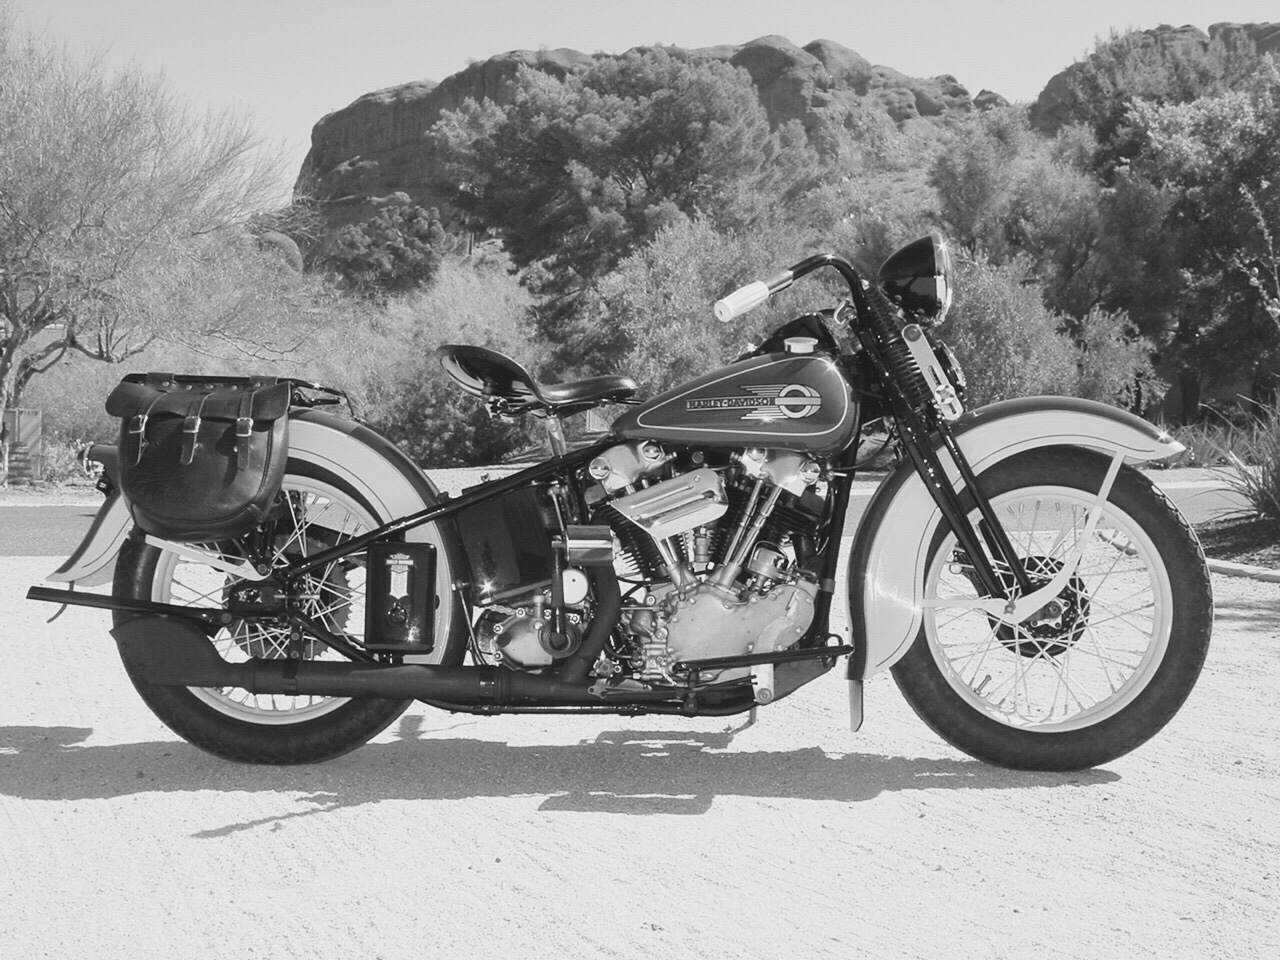 1936 - Knucklehead para reconocimiento visual